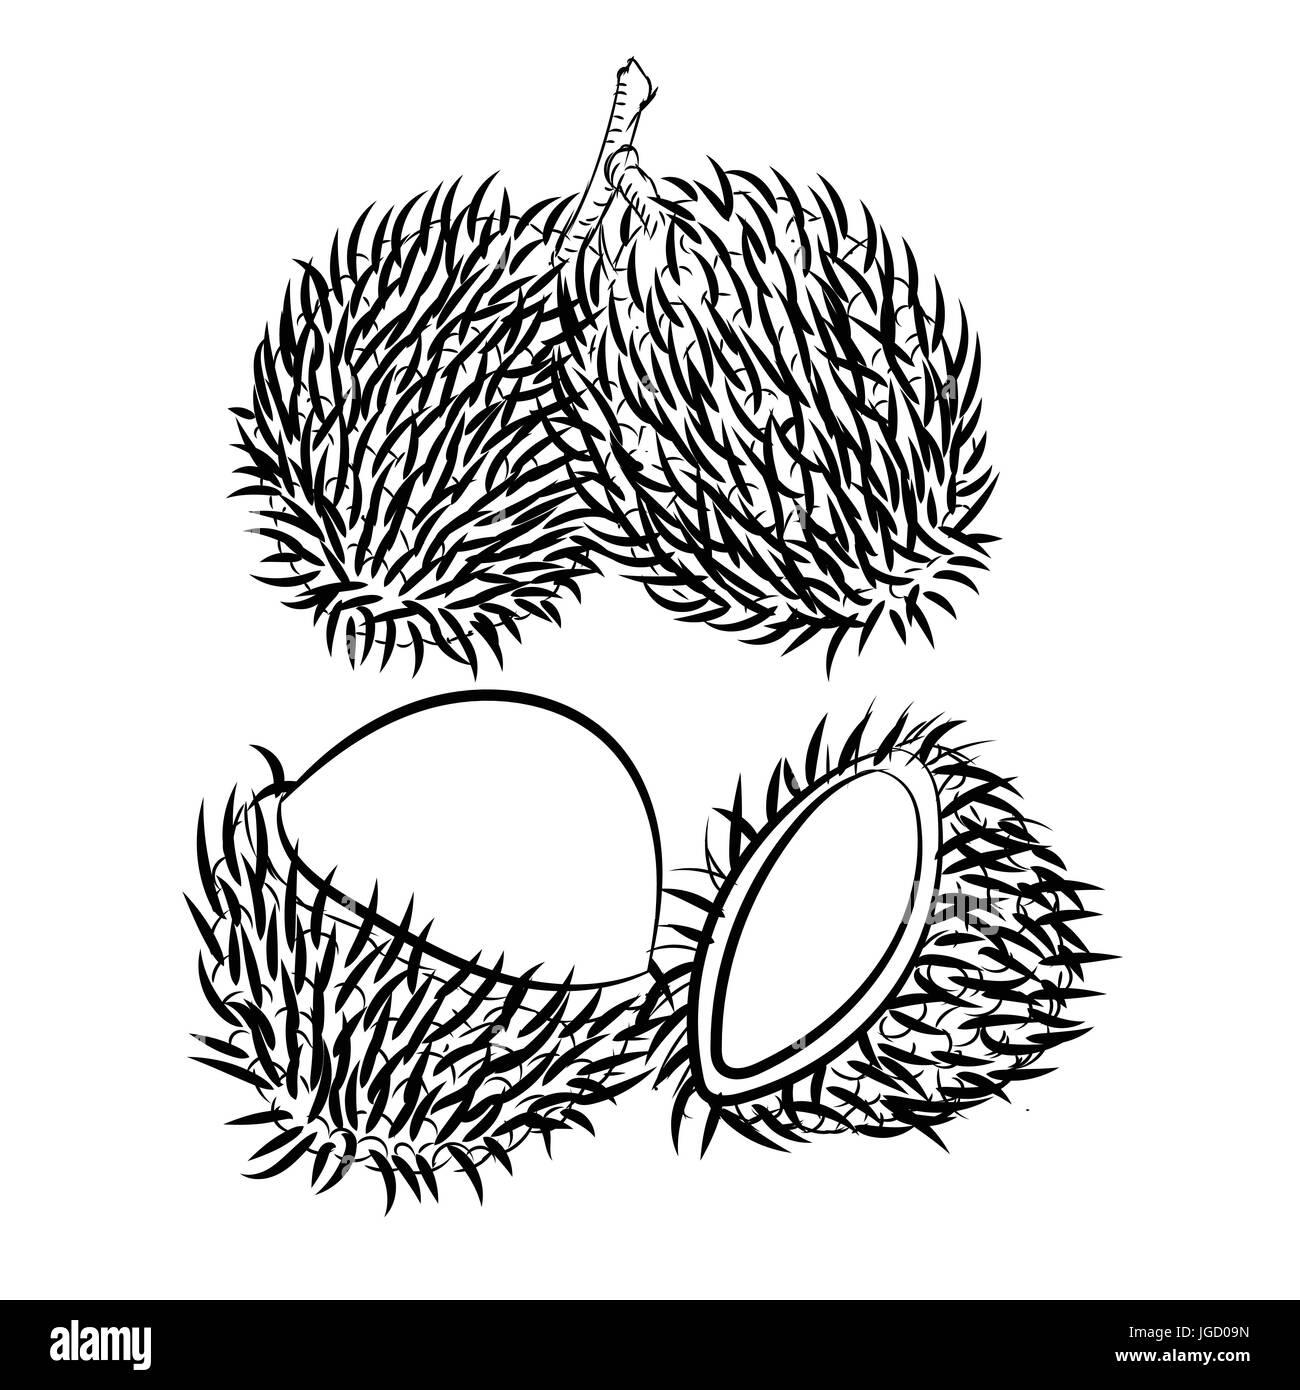 Croquis Dibujados A Mano De Rambutan Aislados En Blanco Y Negro Para Colorear La Ilustración Vectorial De Dibujos Animados Libro Línea Trazada Vector Imagen Vector De Stock Alamy